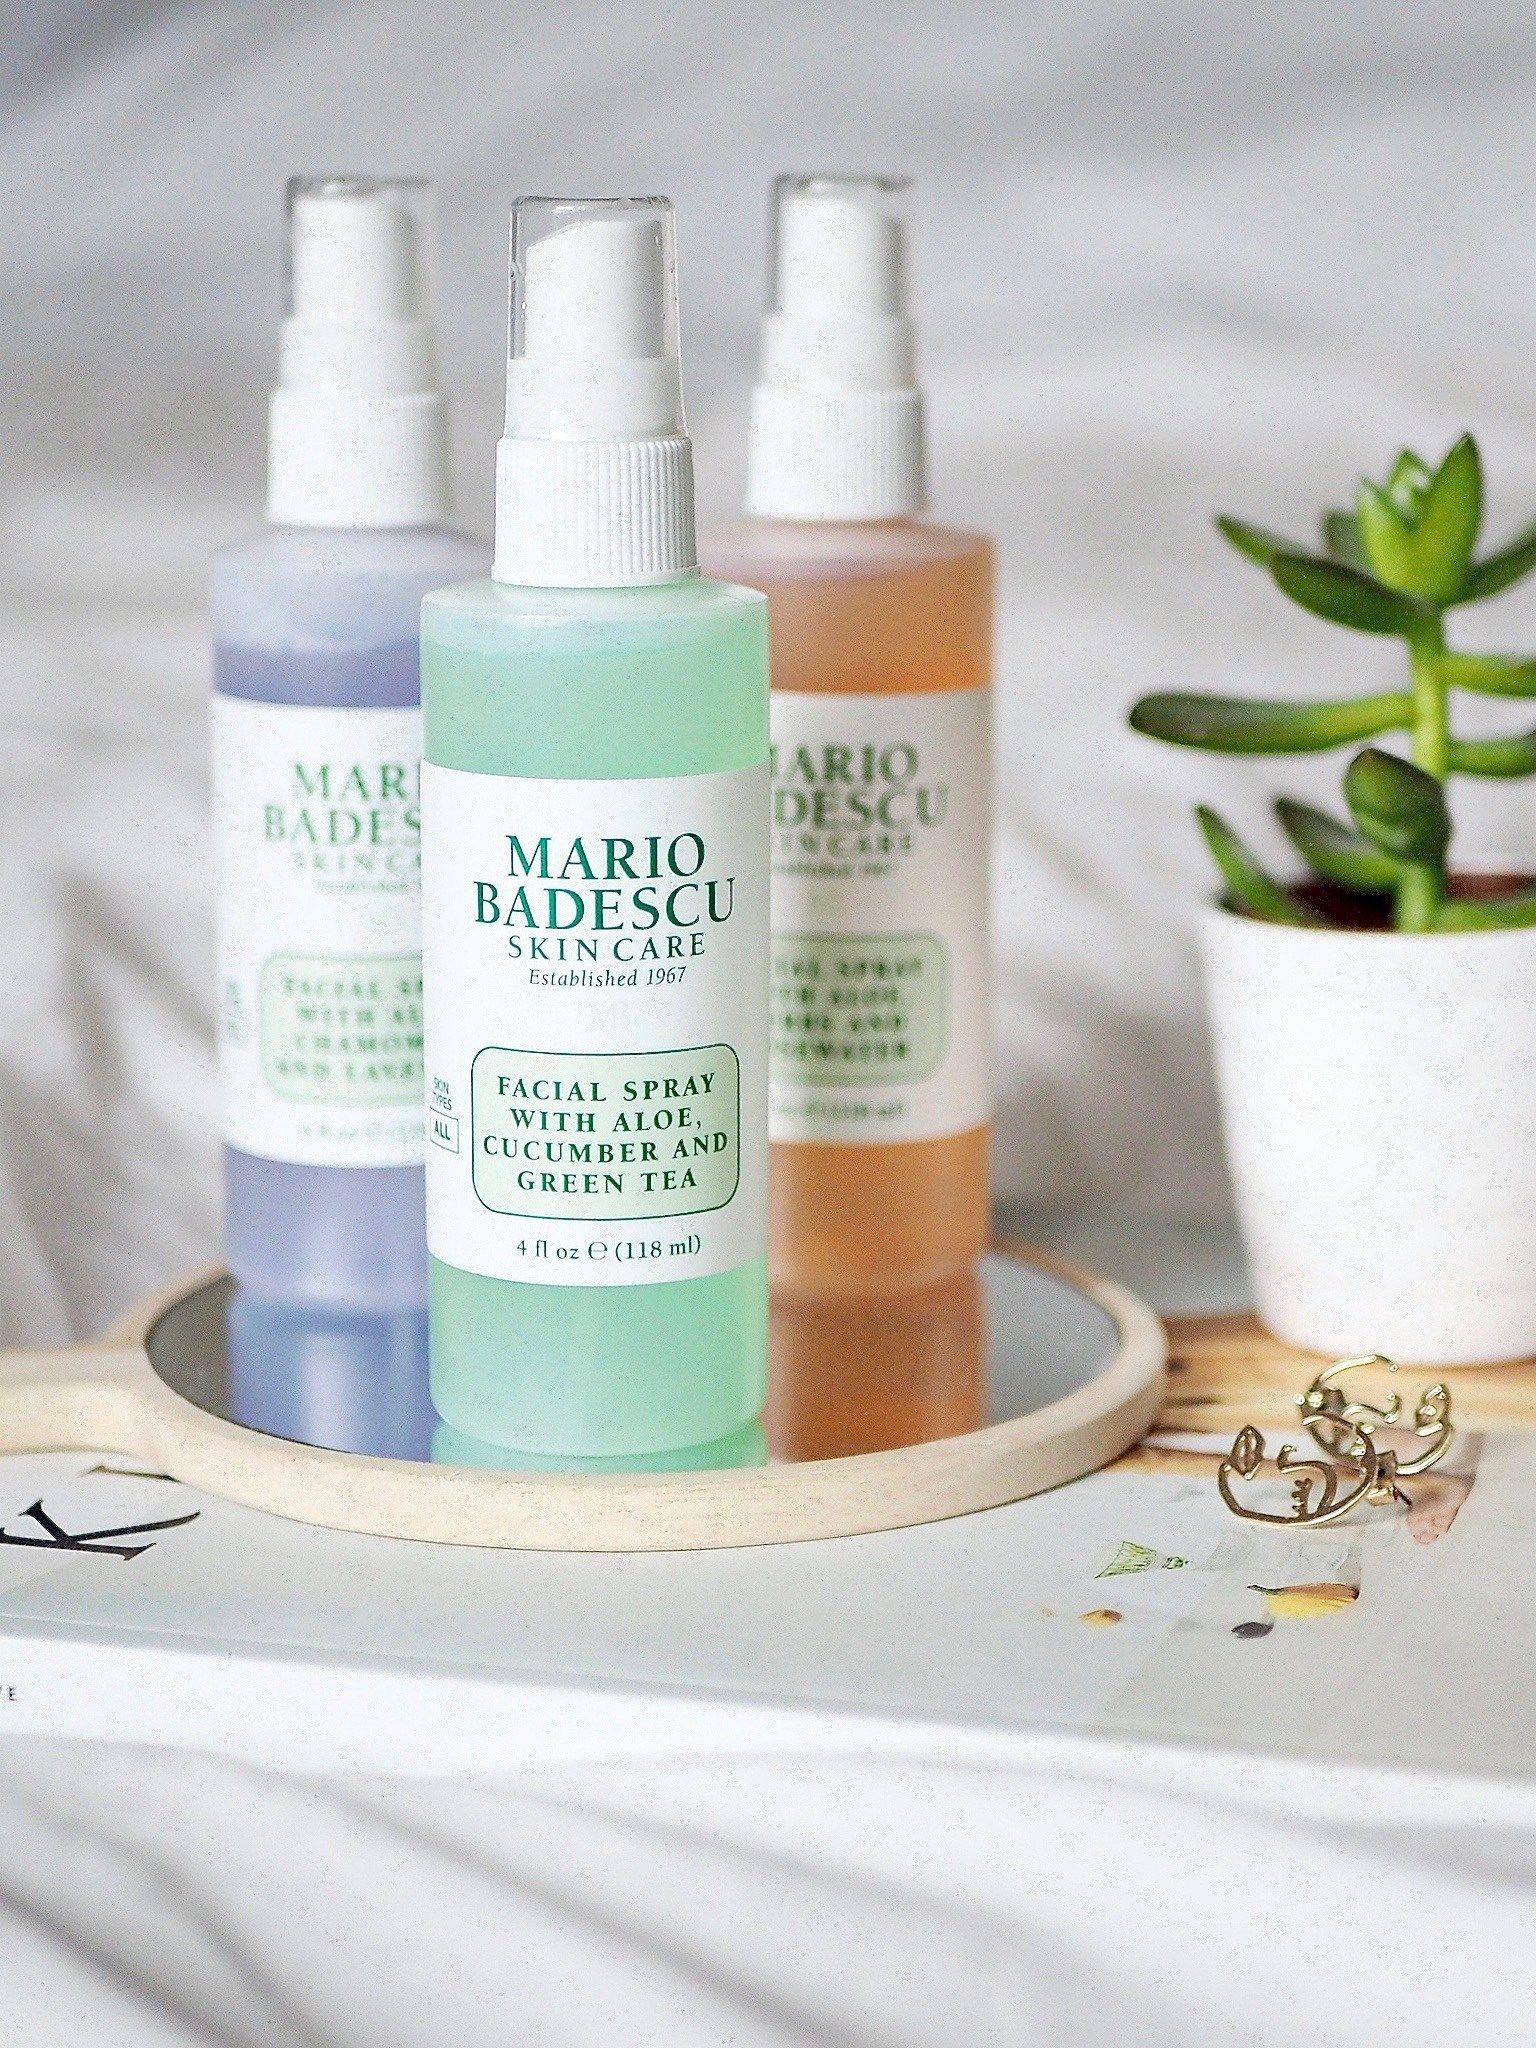 Mario Badescu Facial Spray Skin care, Face spray